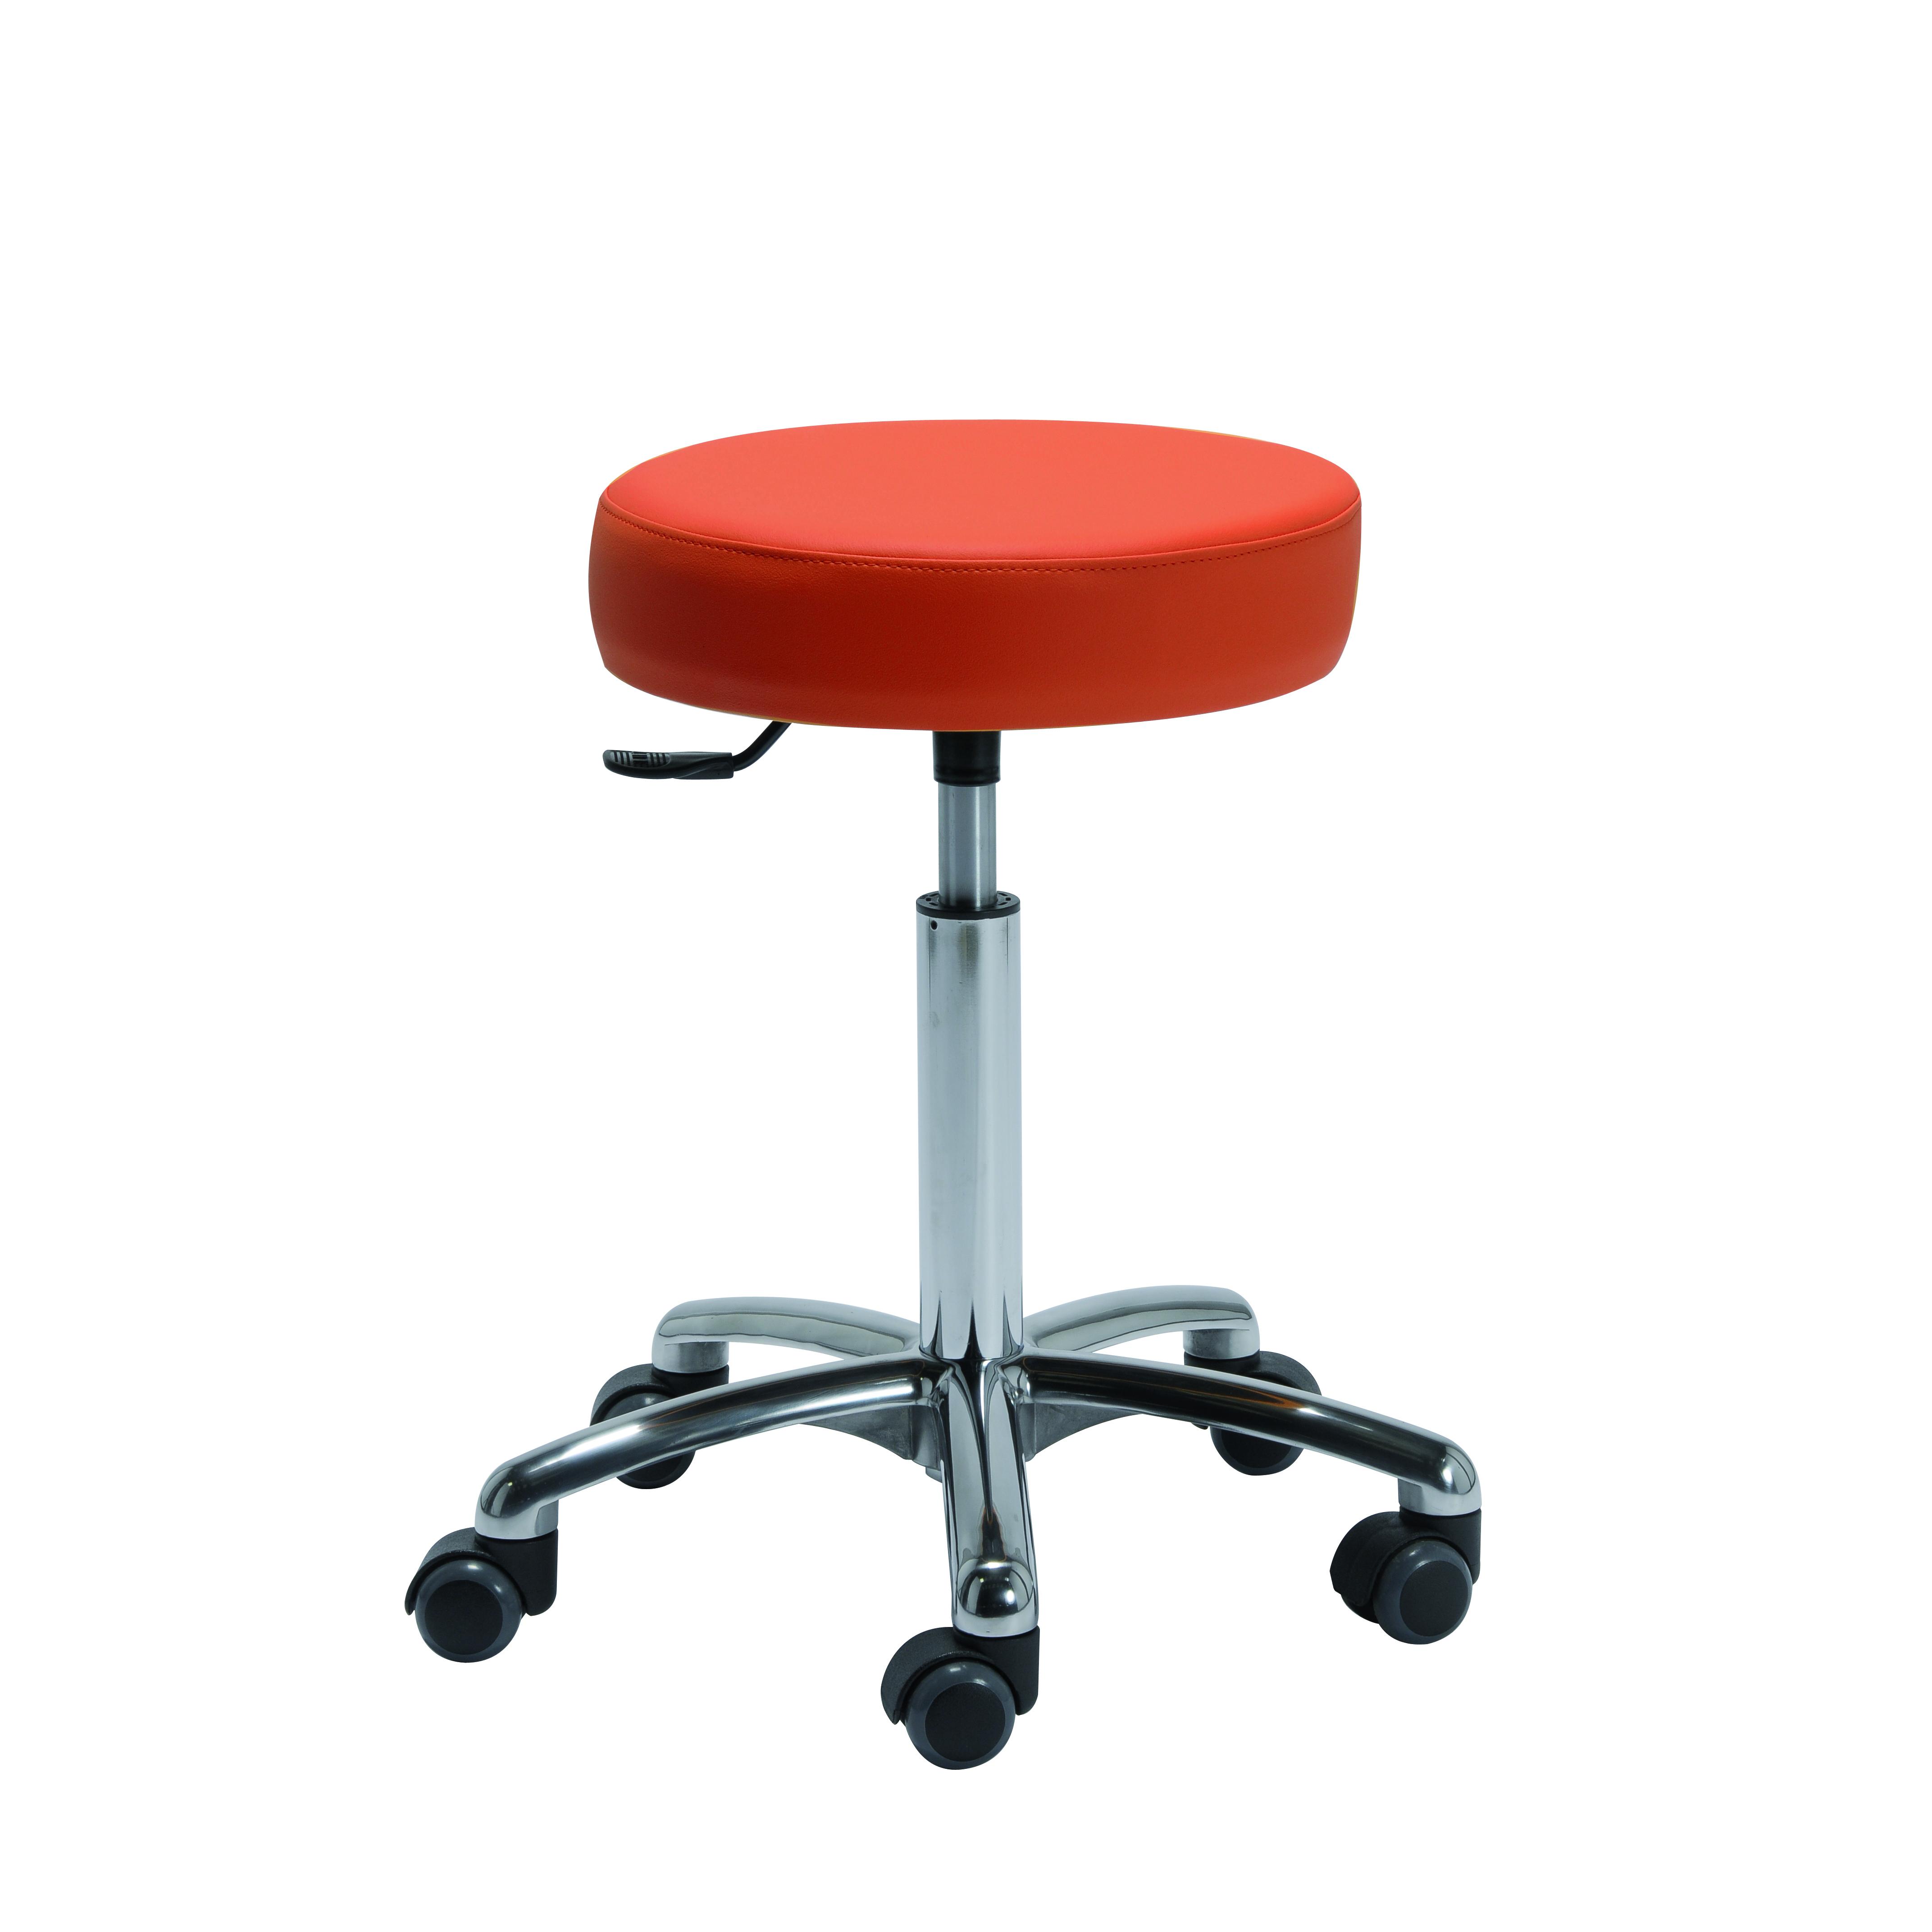 Tabouret pour espace de travail réduit TARBES de siegepro.com sur roulettes avec assise confort vinyle rouge